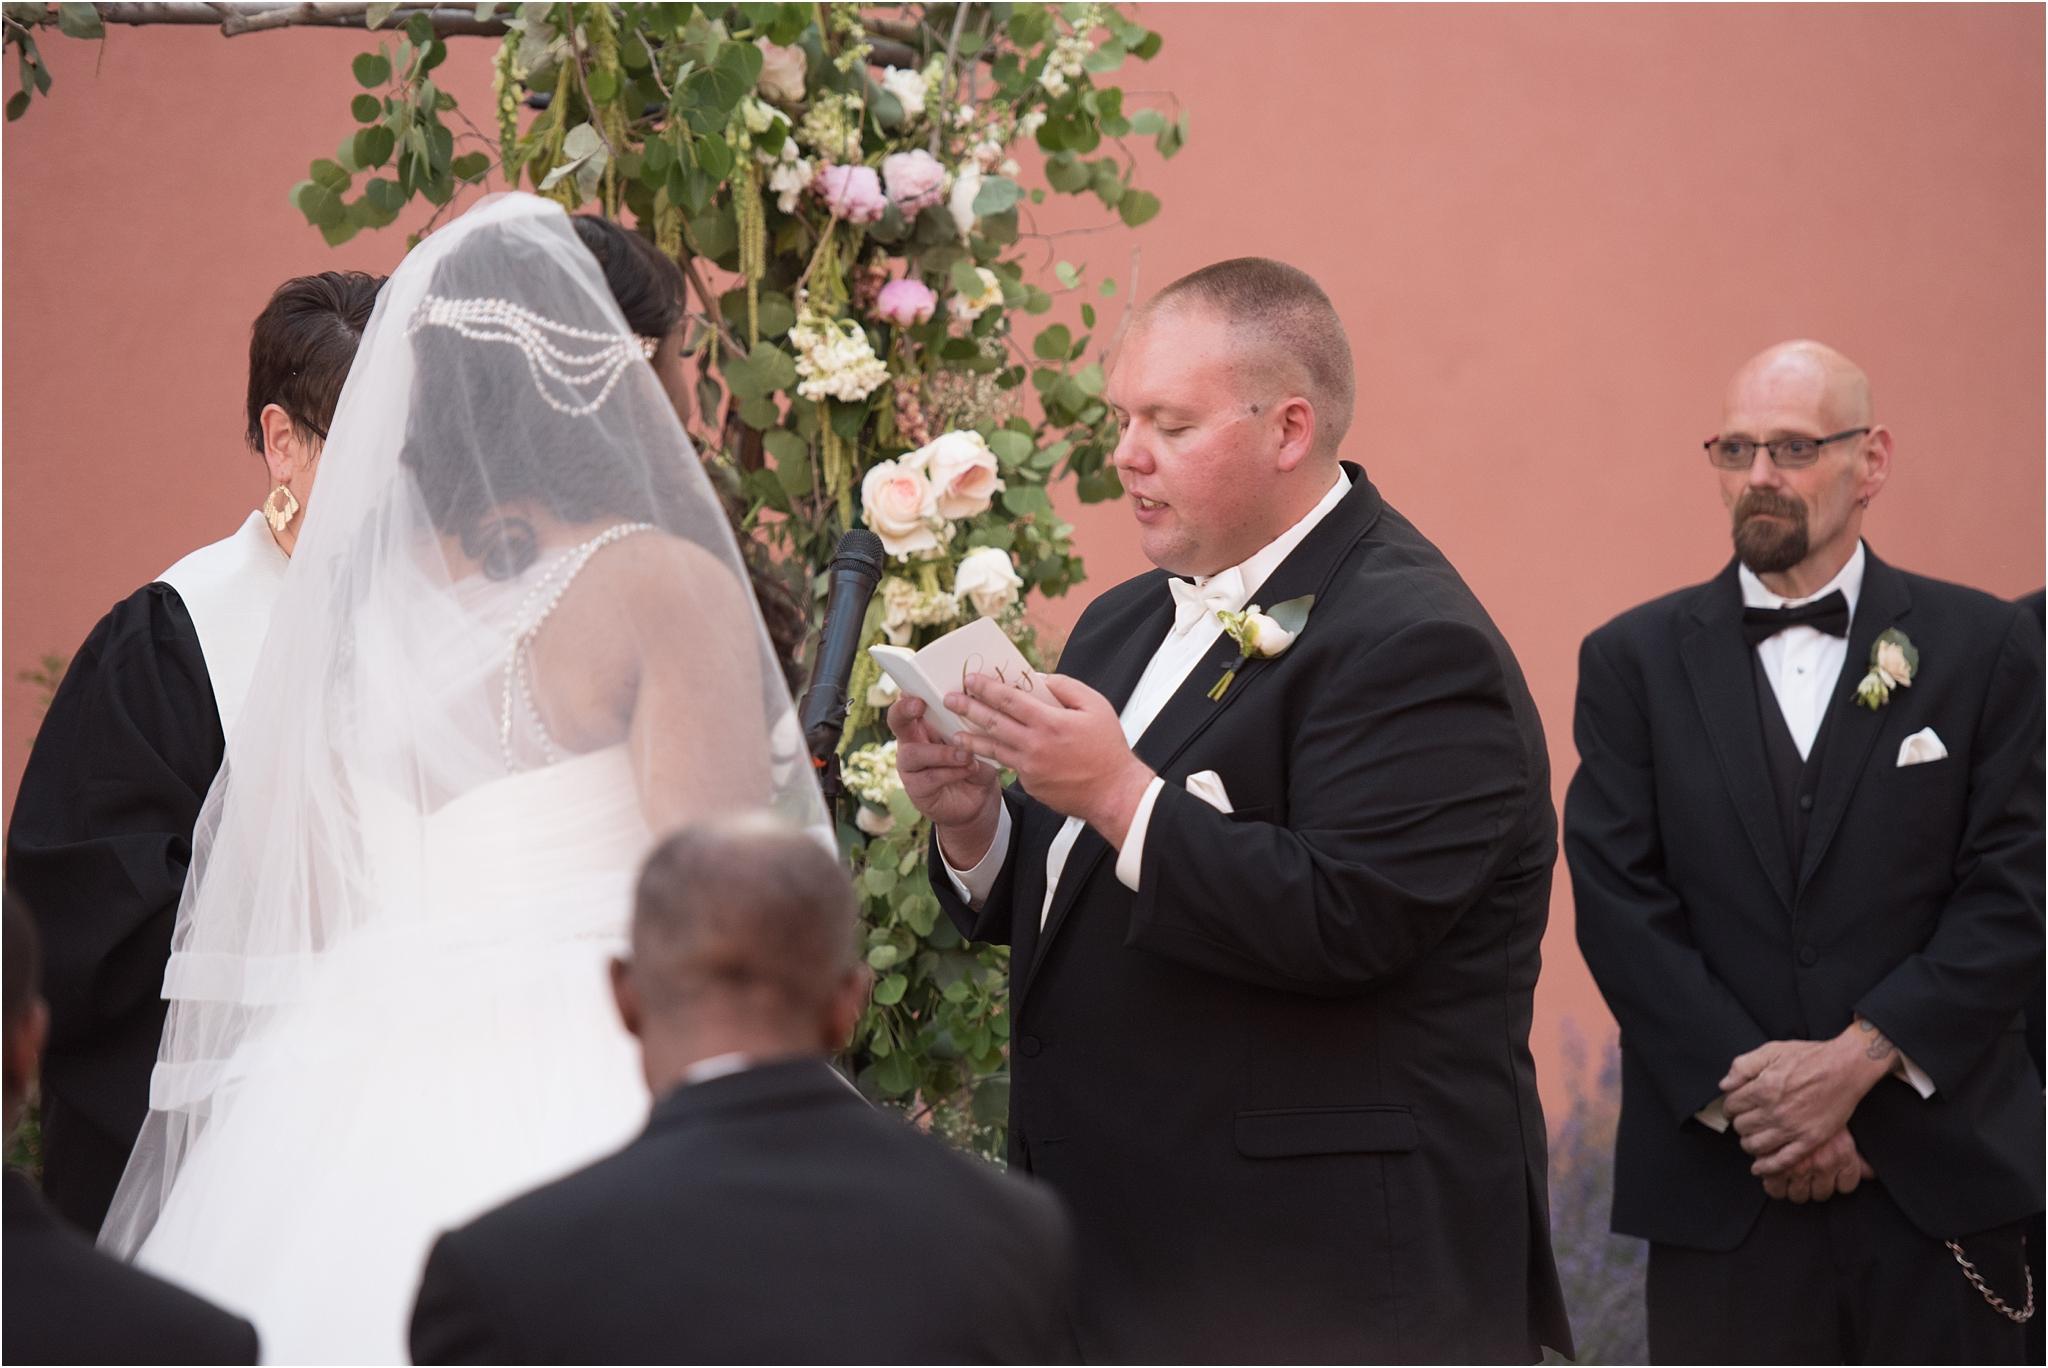 kayla kitts photography - albuquerque wedding photographer - isleta wedding_0021.jpg